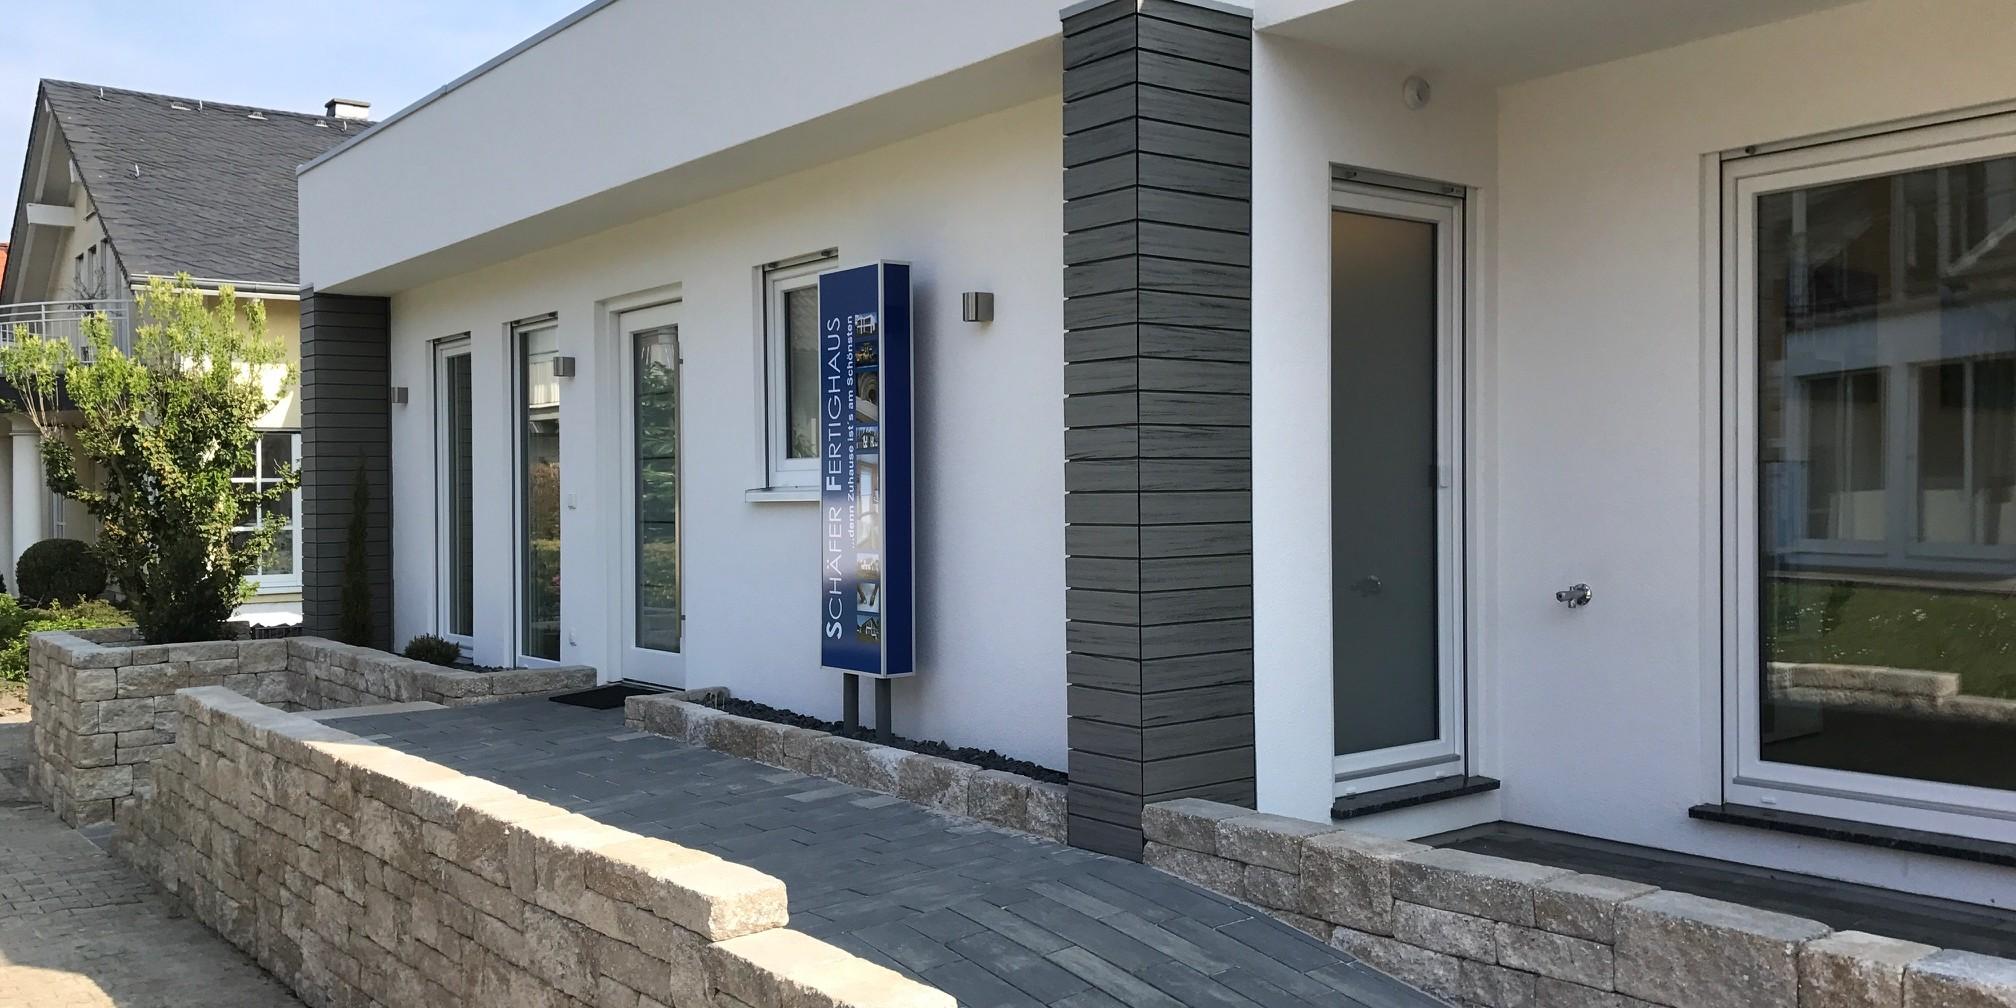 Ausstellungshaus in Fellbach wieder geöffnet